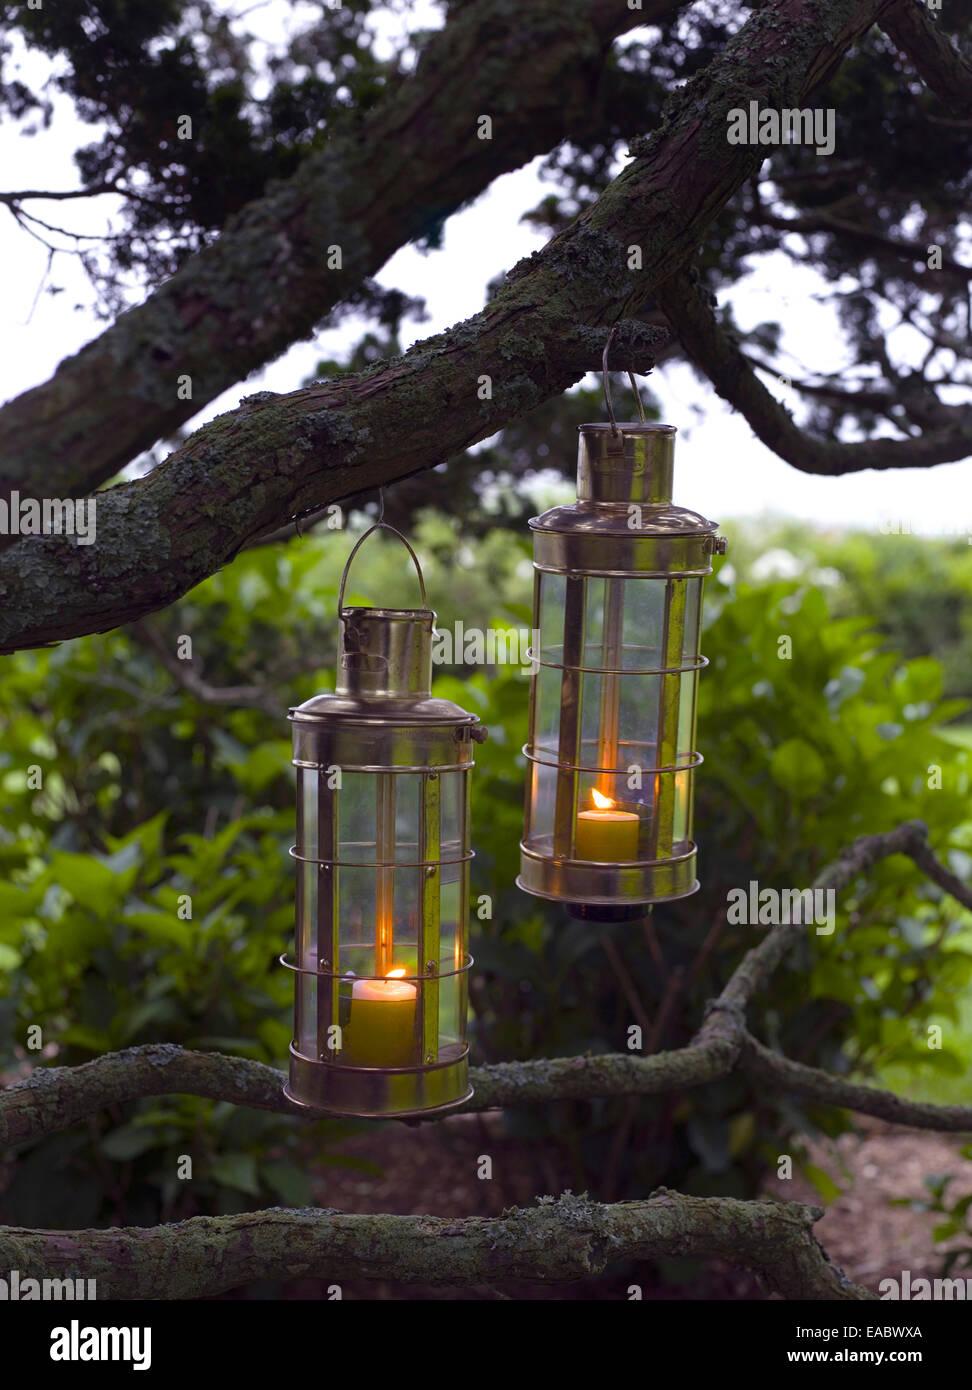 Velas en linternas colgando del árbol al atardecer Imagen De Stock